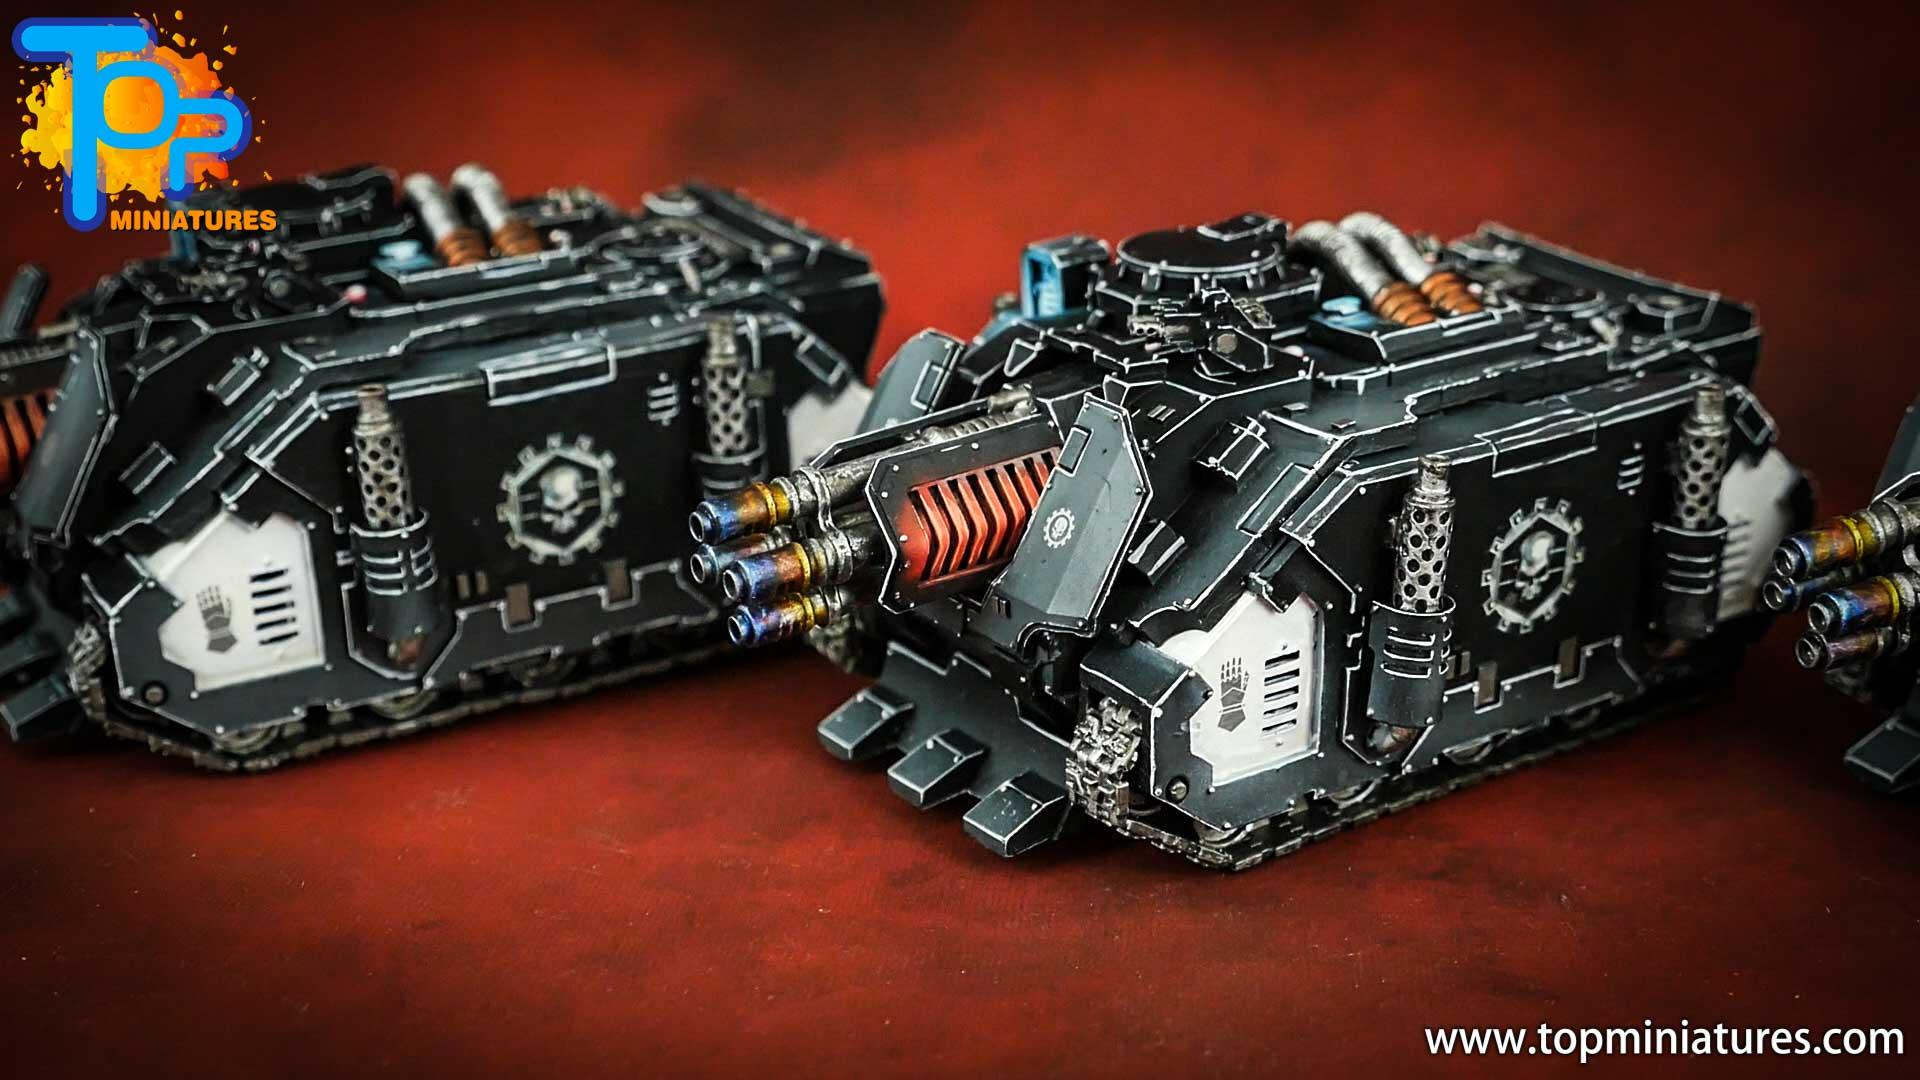 deimos vindicator laser destroyer (5)